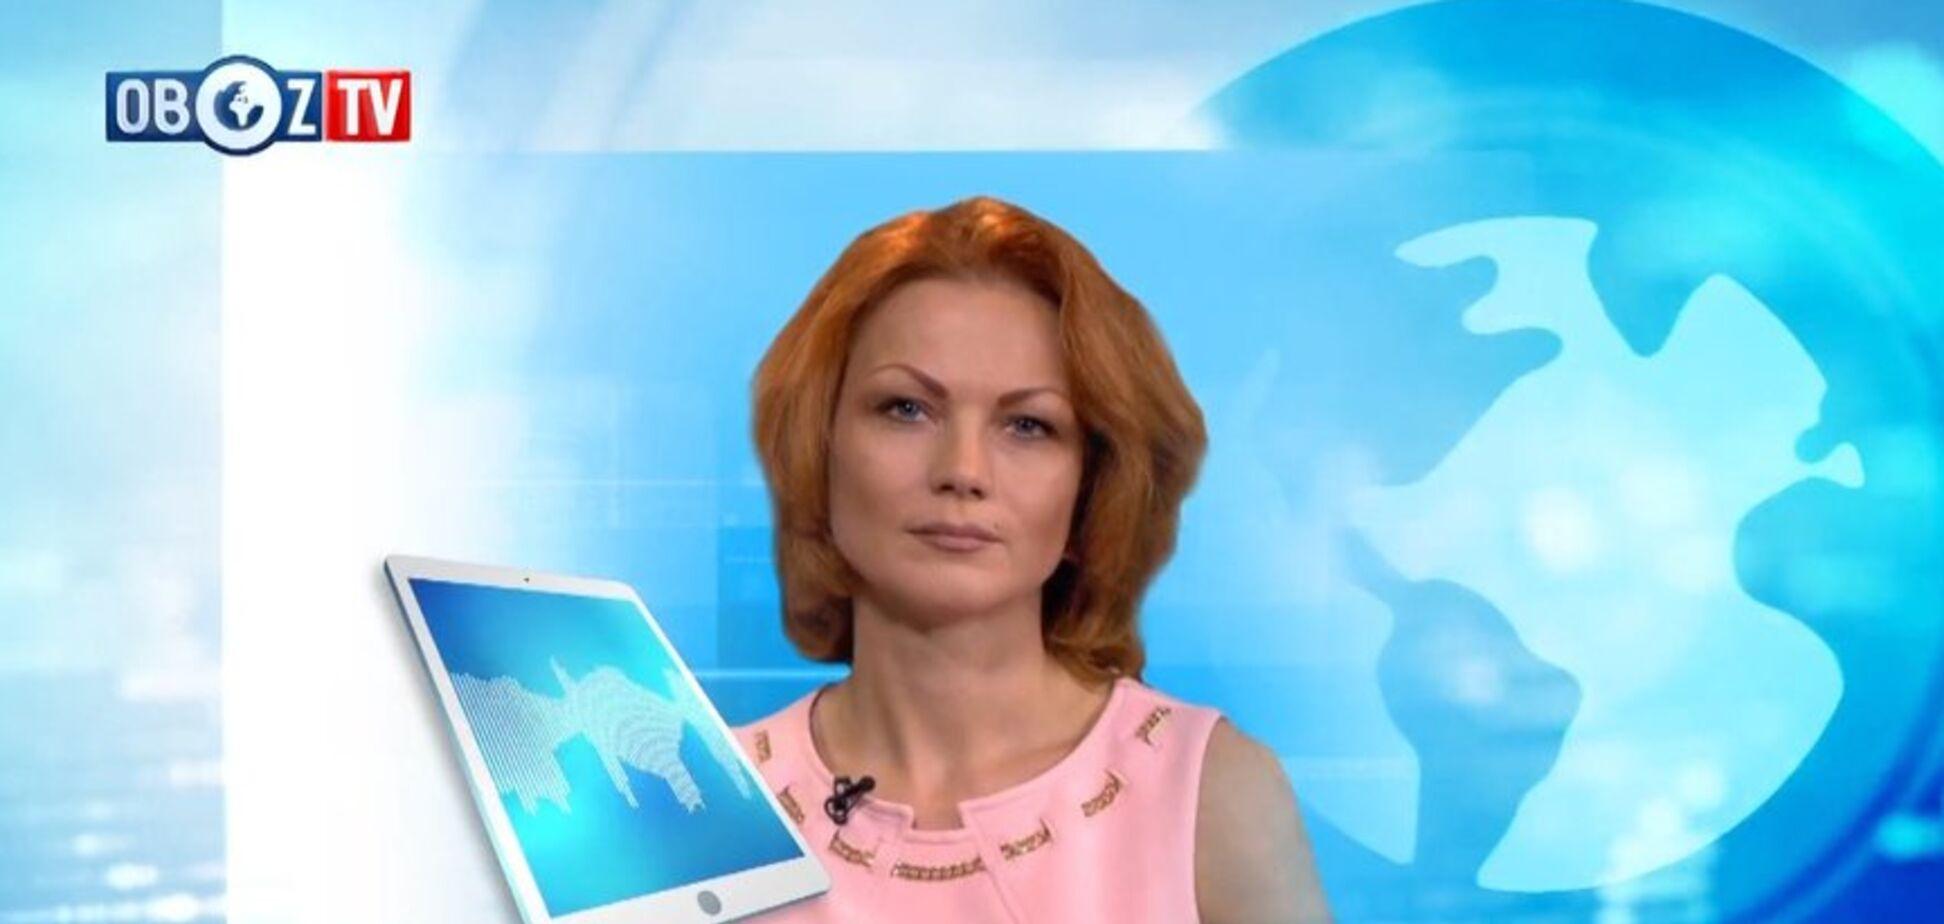 Эксперт предостерегает от чрезмерных ожиданий из-за визита премьер-министра Израиля